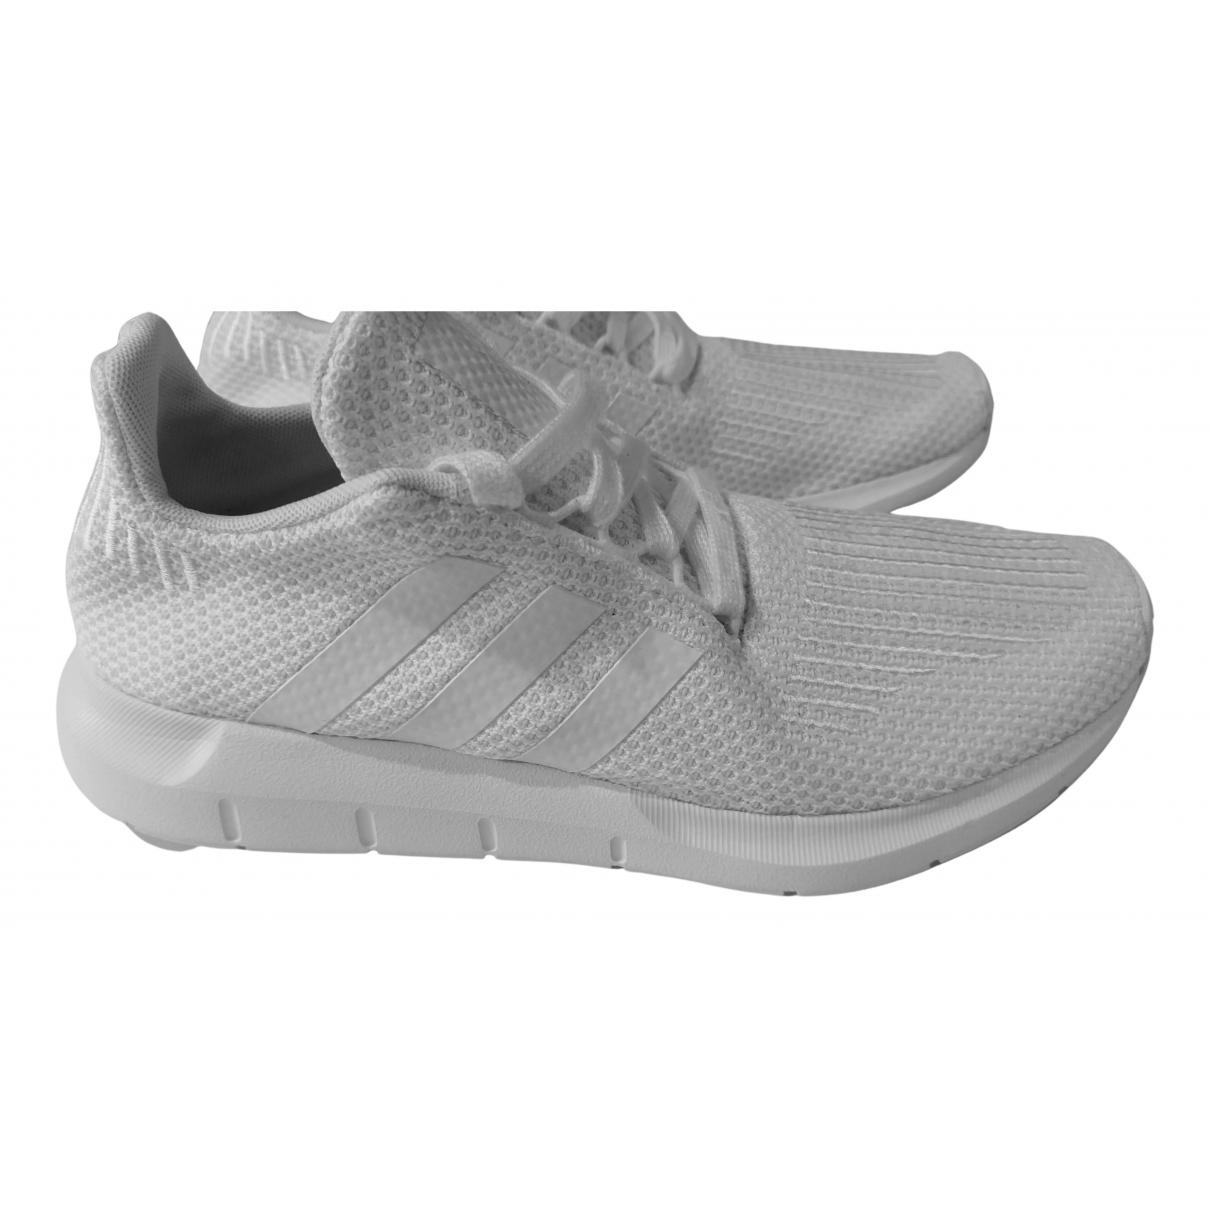 Adidas - Baskets   pour femme - blanc